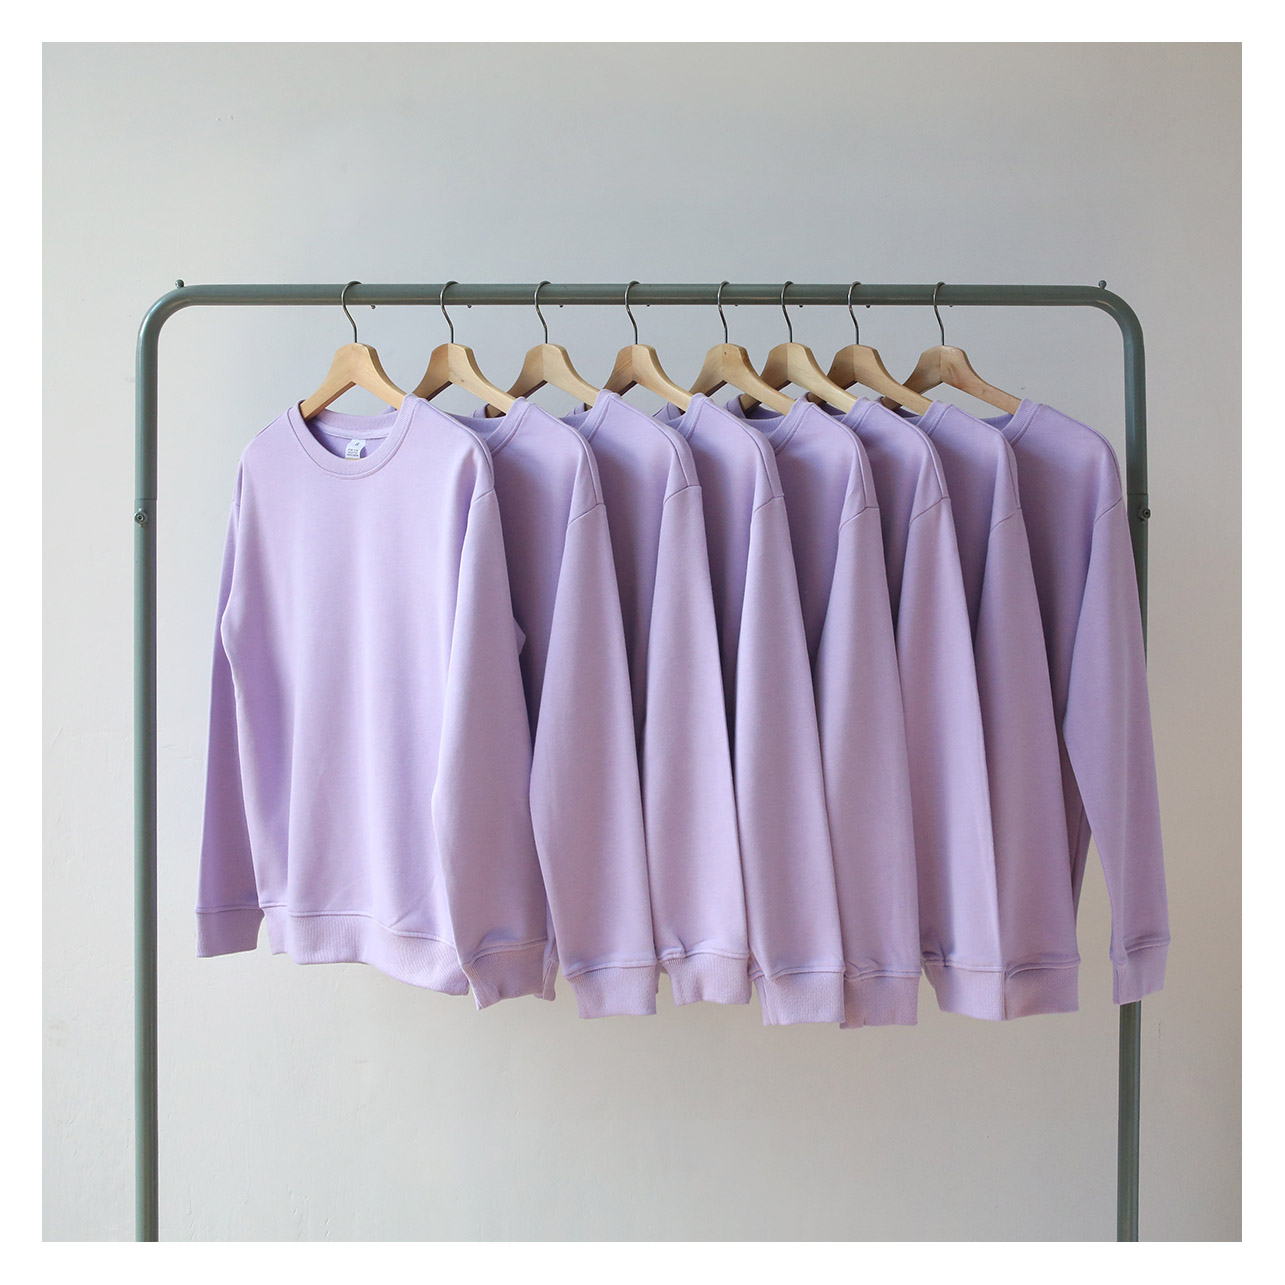 紫色卫衣 2020春季新款薄款毛圈 香芋紫 浅紫色 圆领卫衣男 女bf风情侣宽松_推荐淘宝好看的紫色卫衣